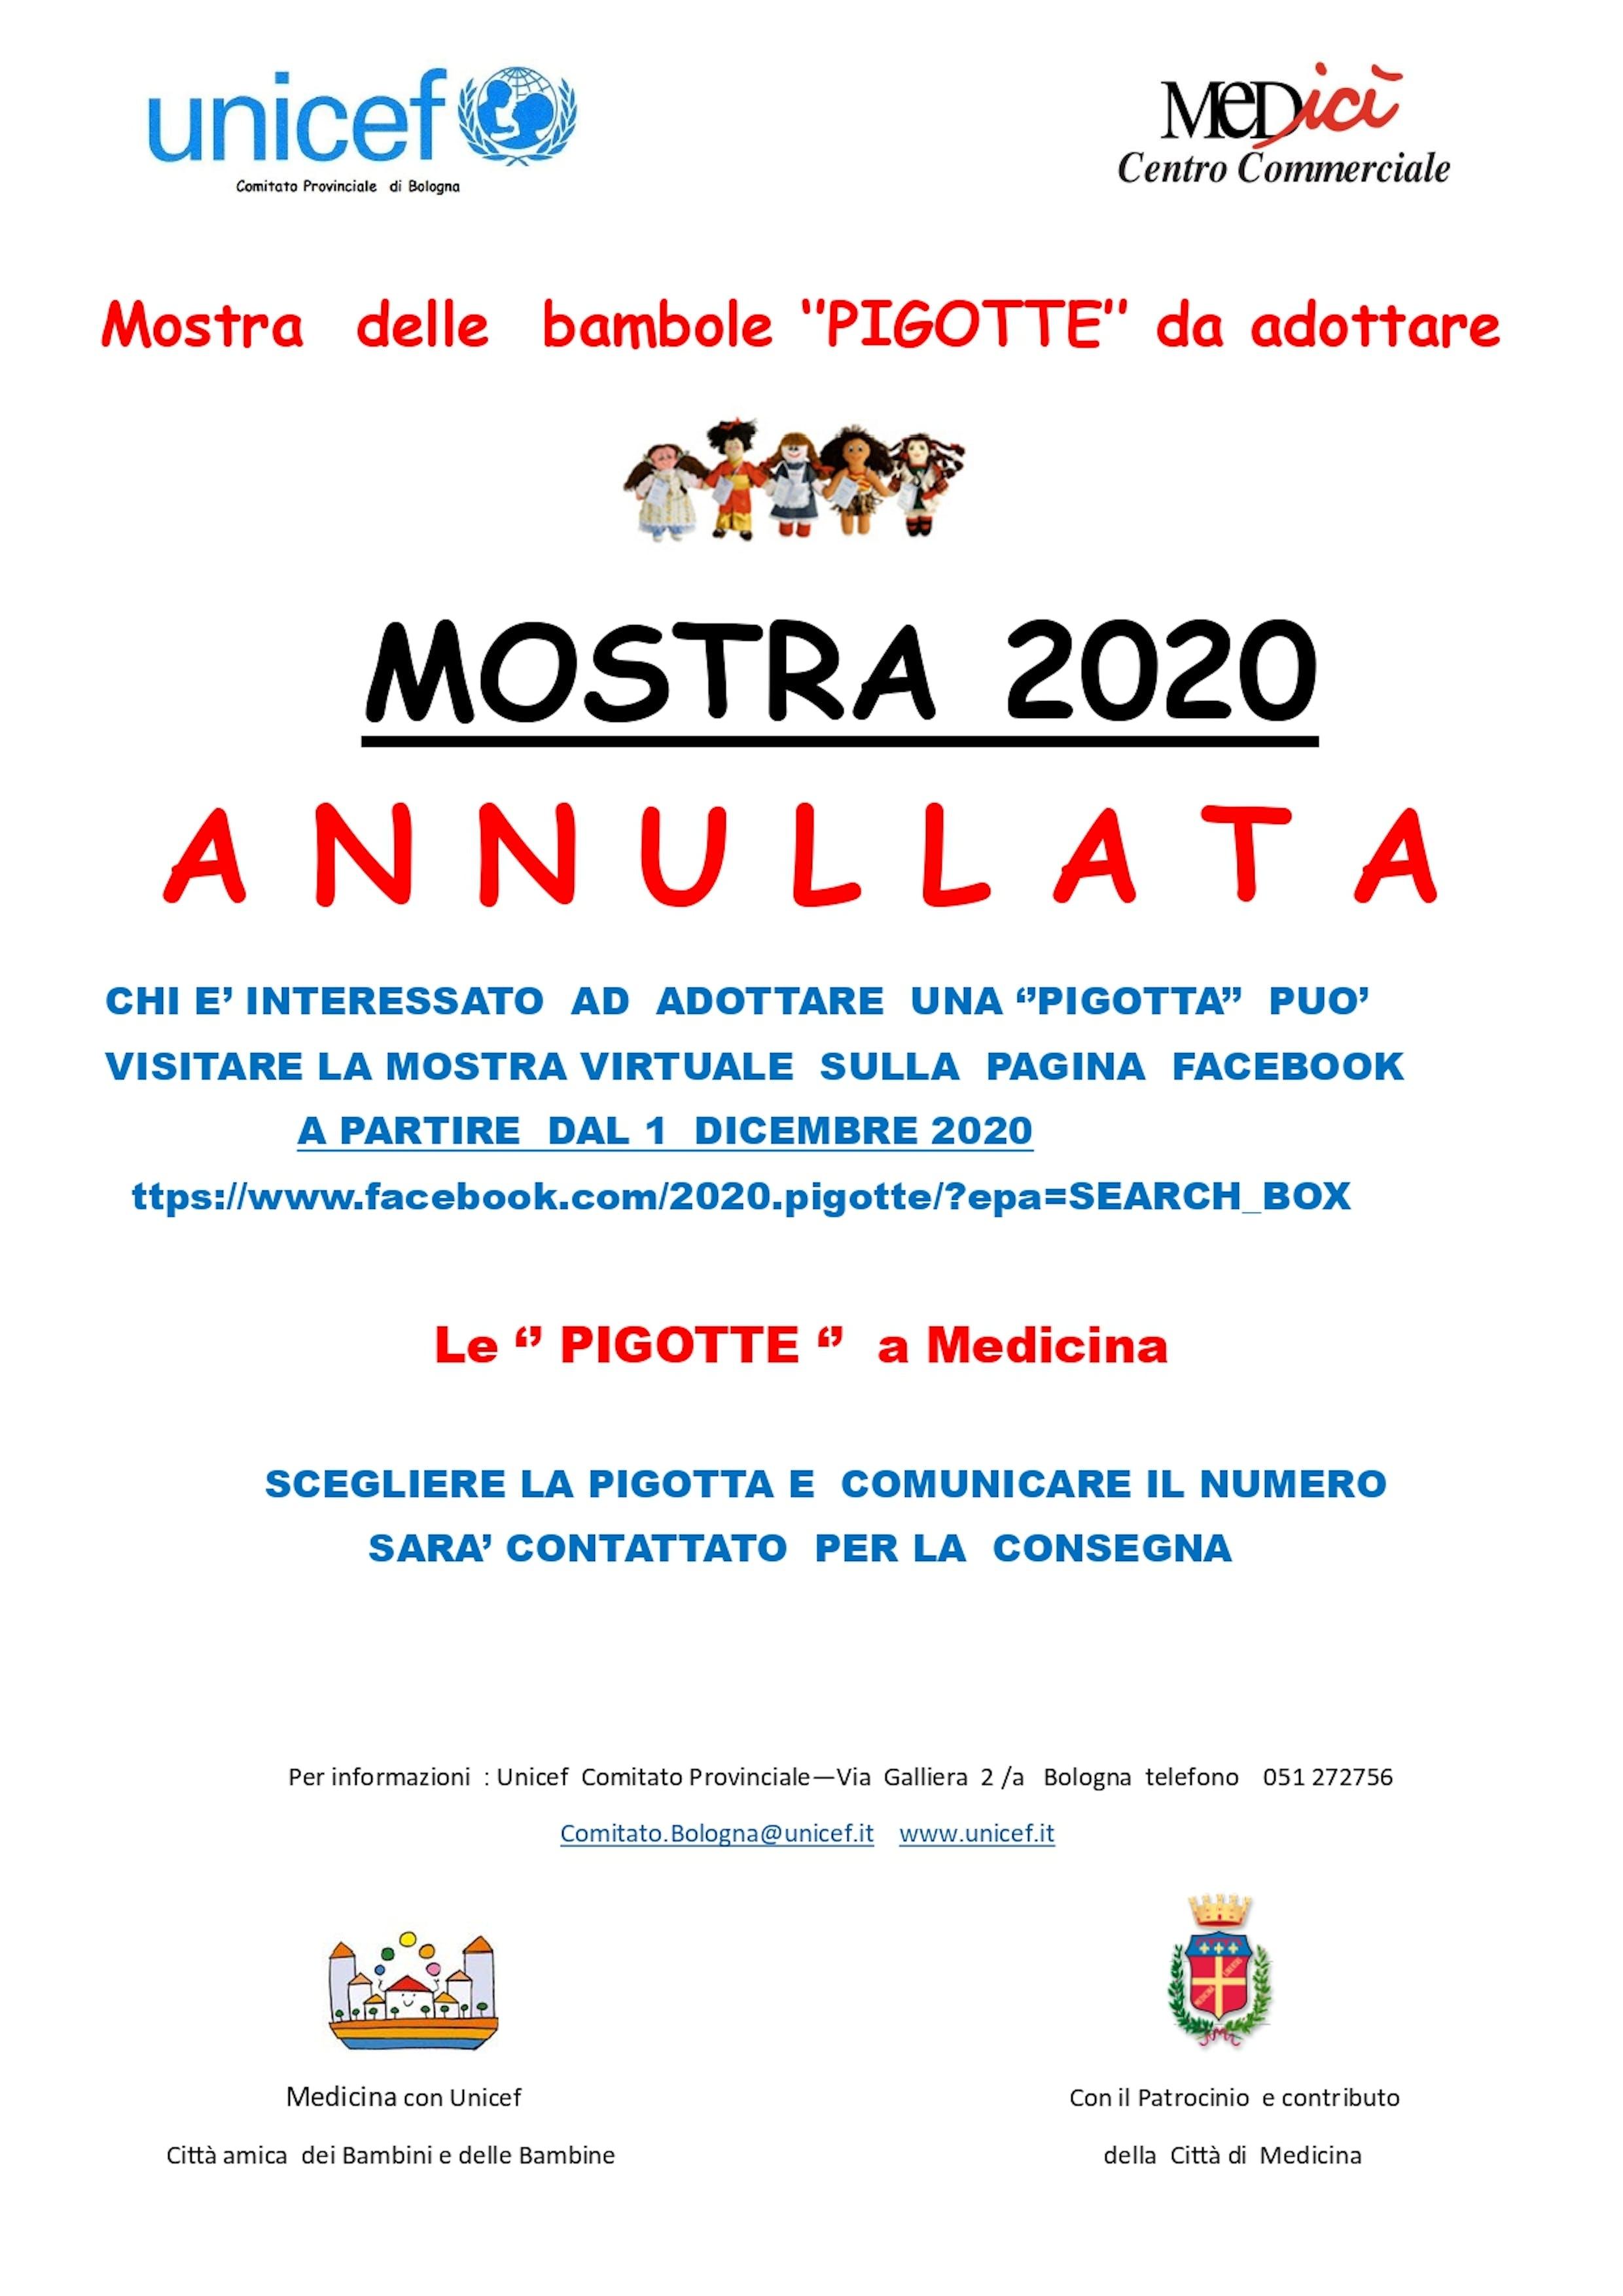 L'adozione delle Pigotte a Medicina prosegue sulla pagina Facebook del comitato di Bologna